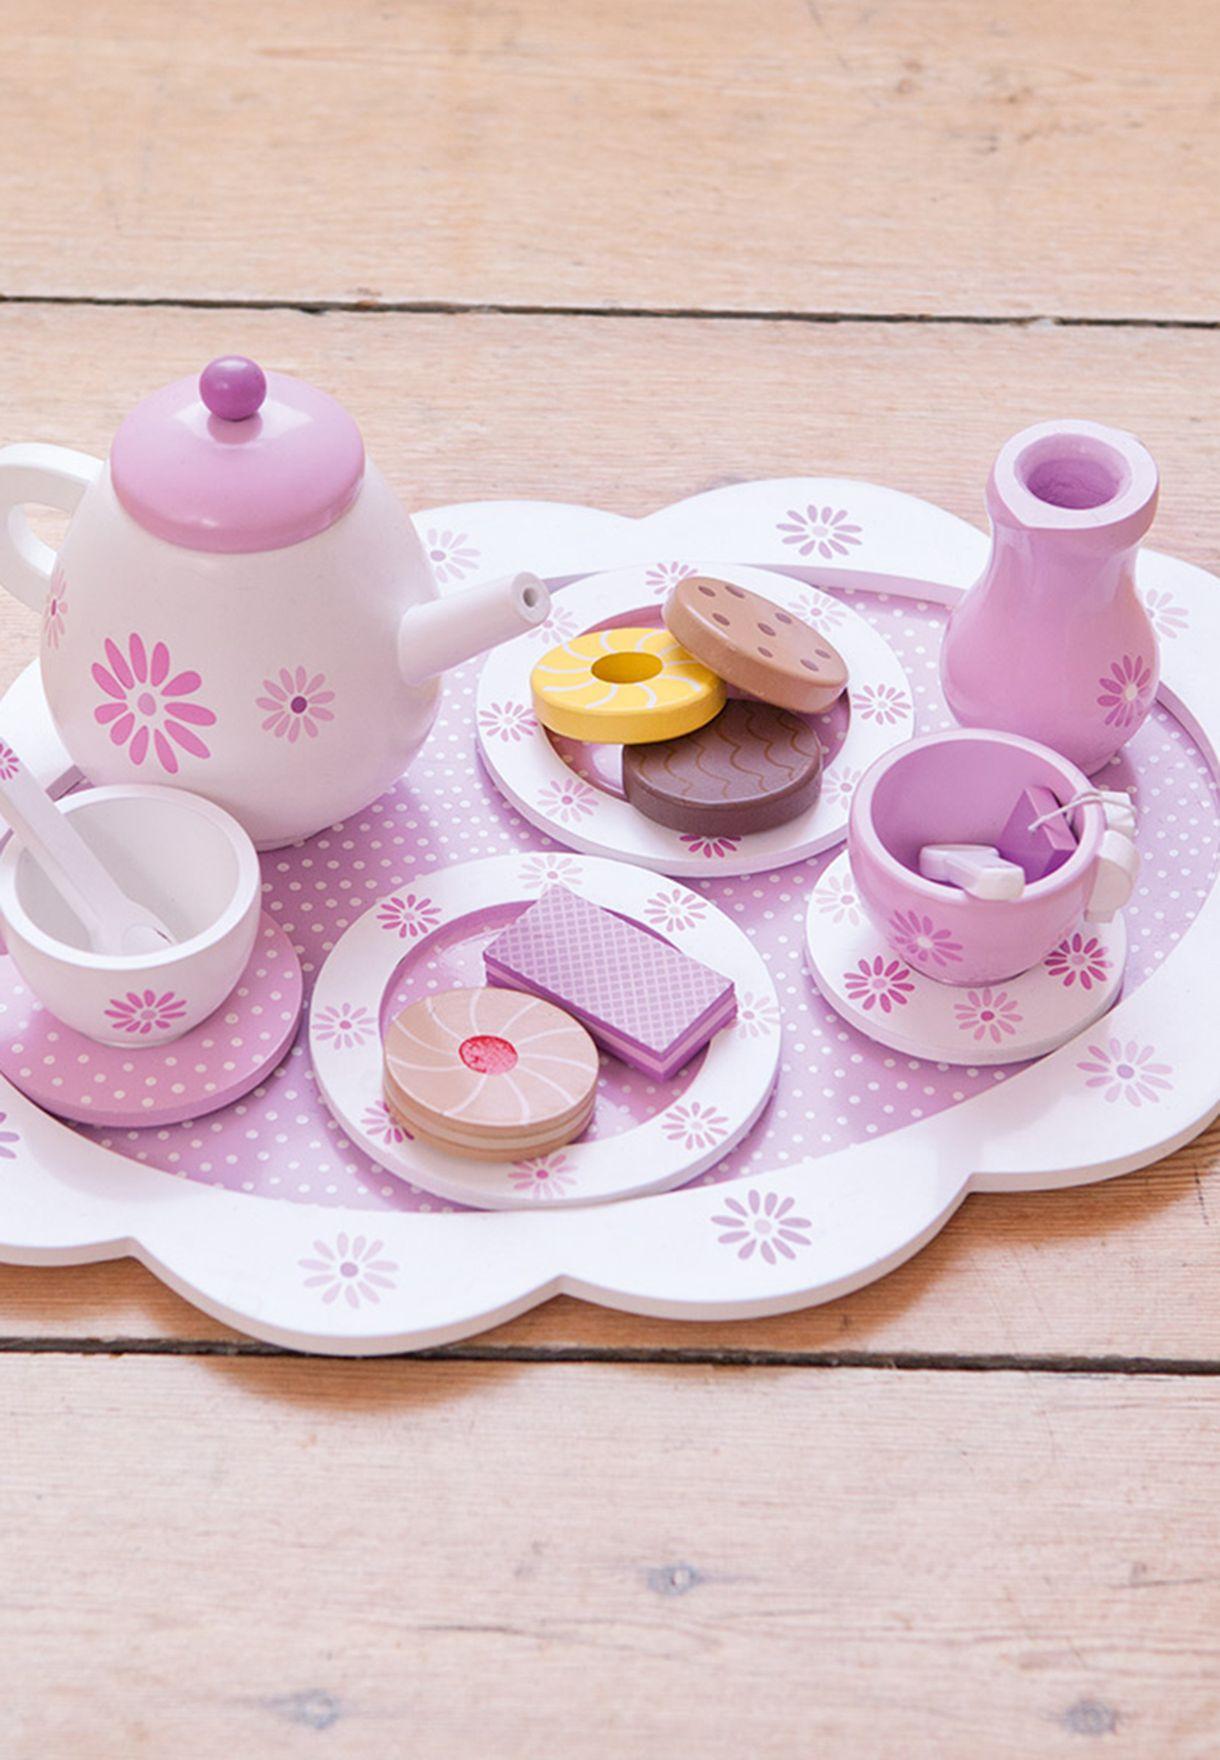 لعبة ابريق شاي واكواب خشبية